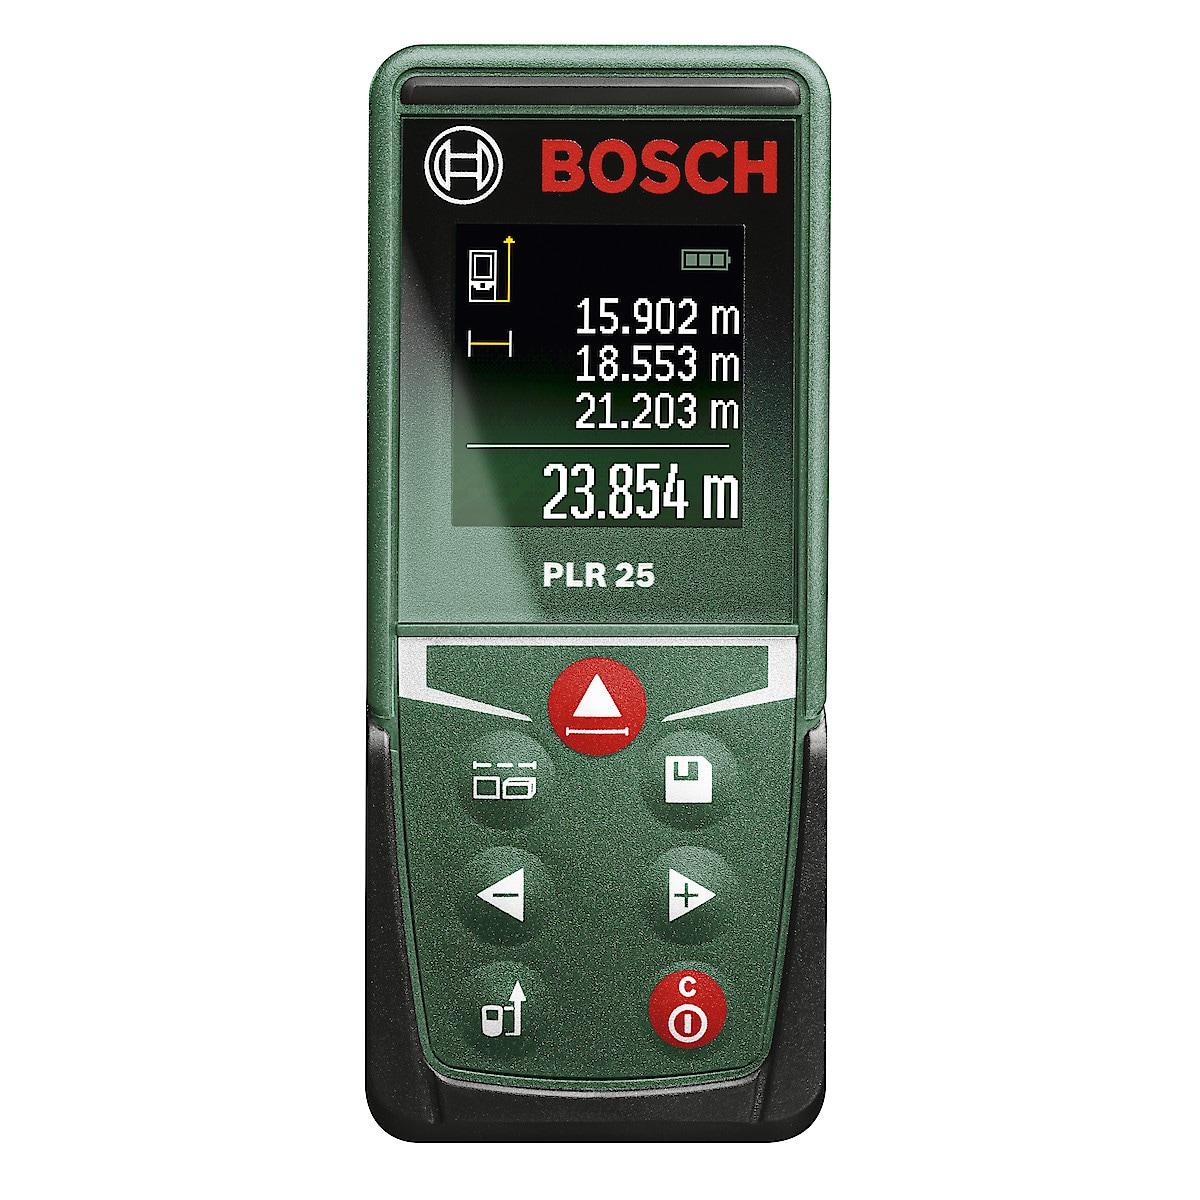 Bosch PLR 25, avstandsmåler